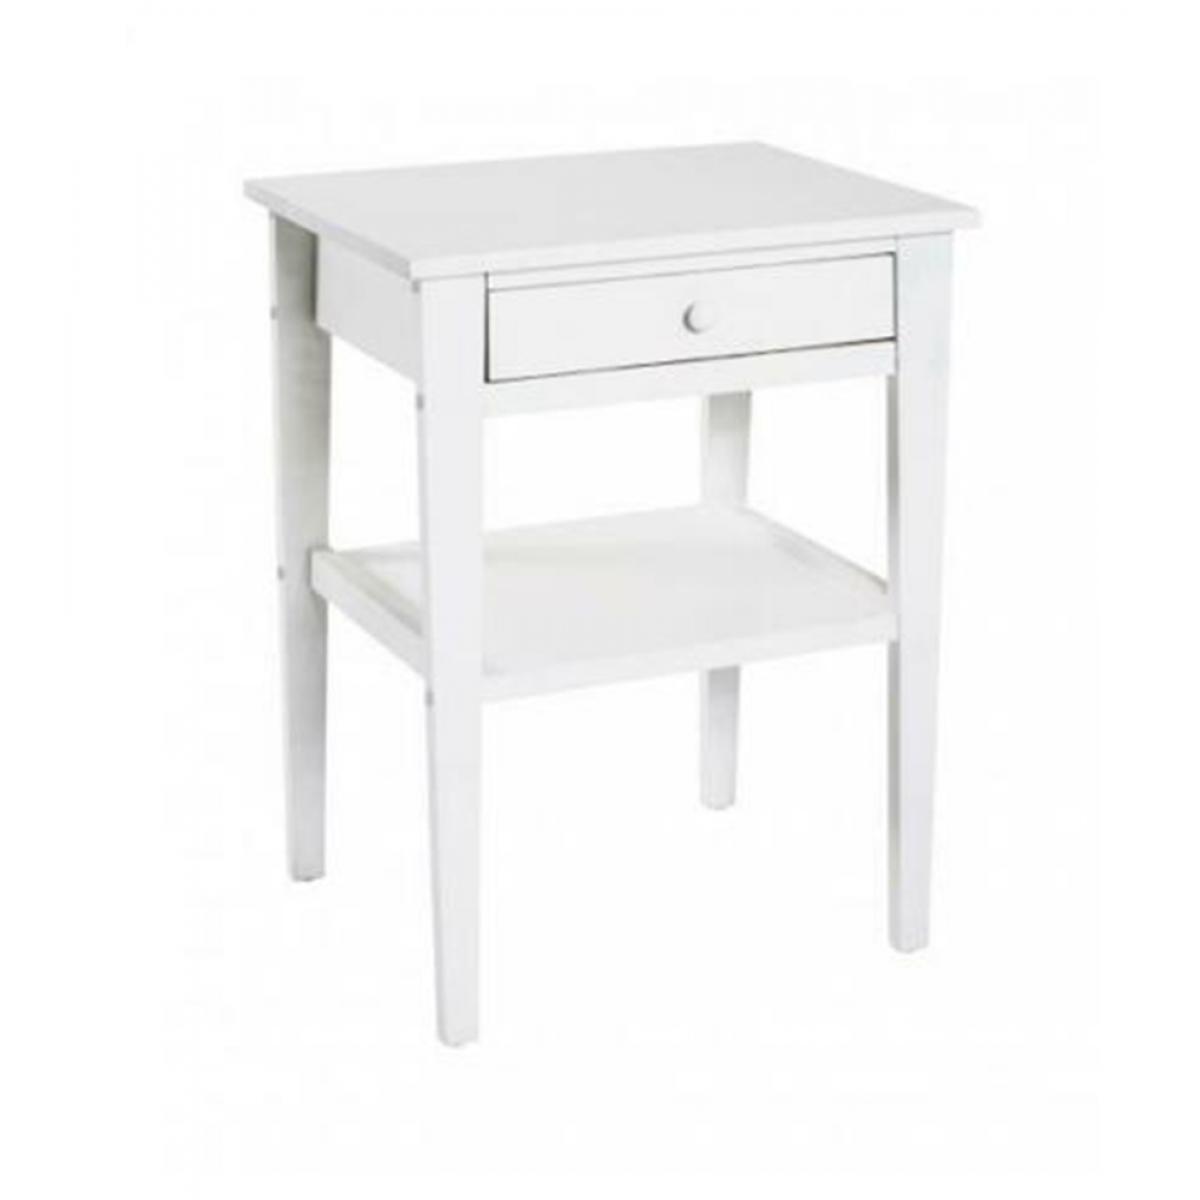 Pegane Commode coloris blanc en MDF - L 40 x P 35 x H 60 cm